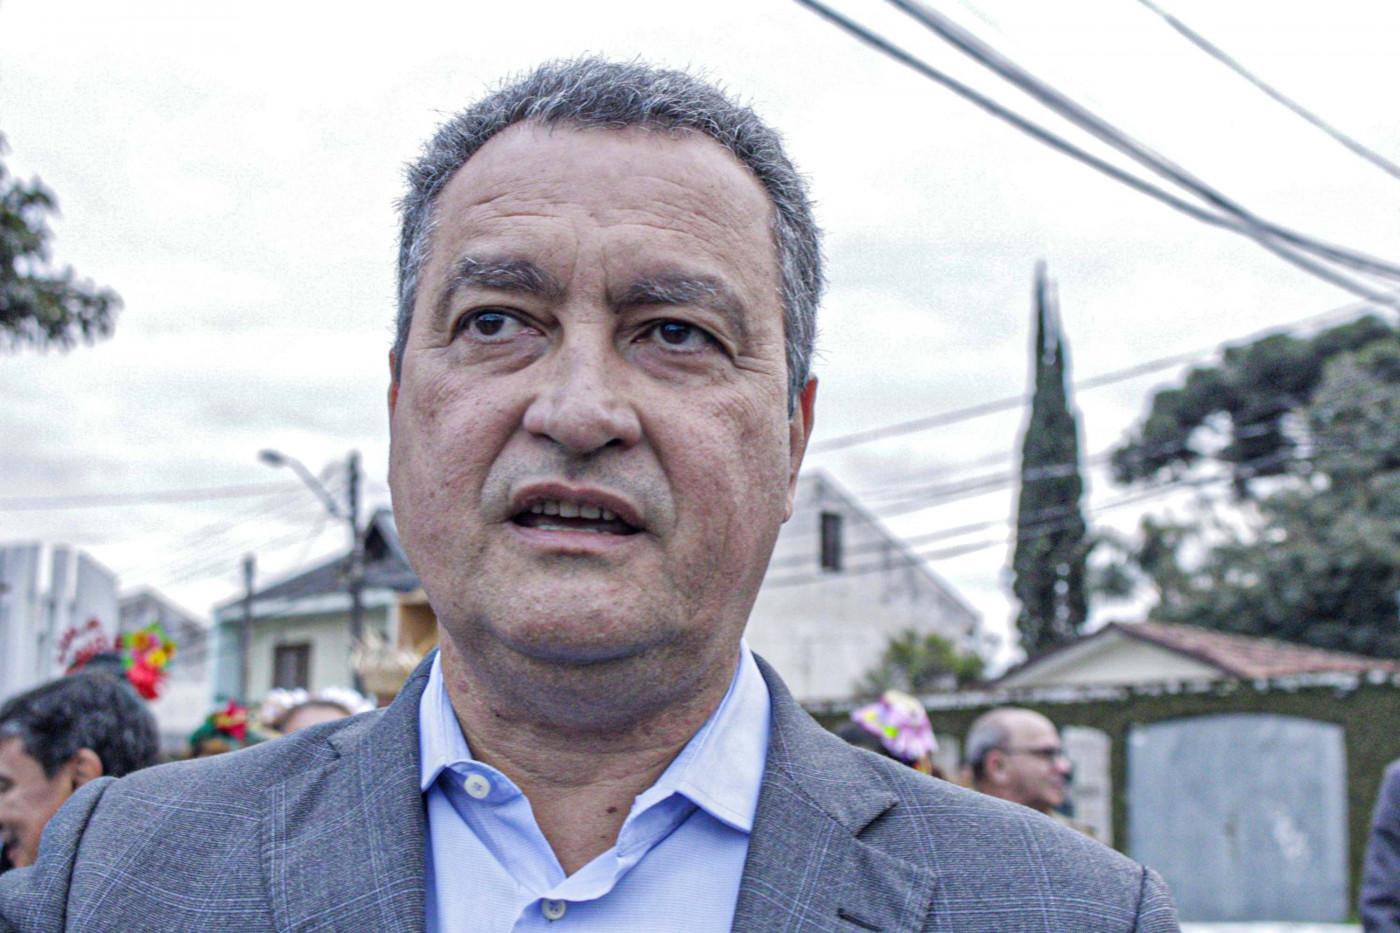 governador da Bahia, Rui costa, em foto de busto, olhando para a frente. Homem branco de camisa social azul e terno cinza